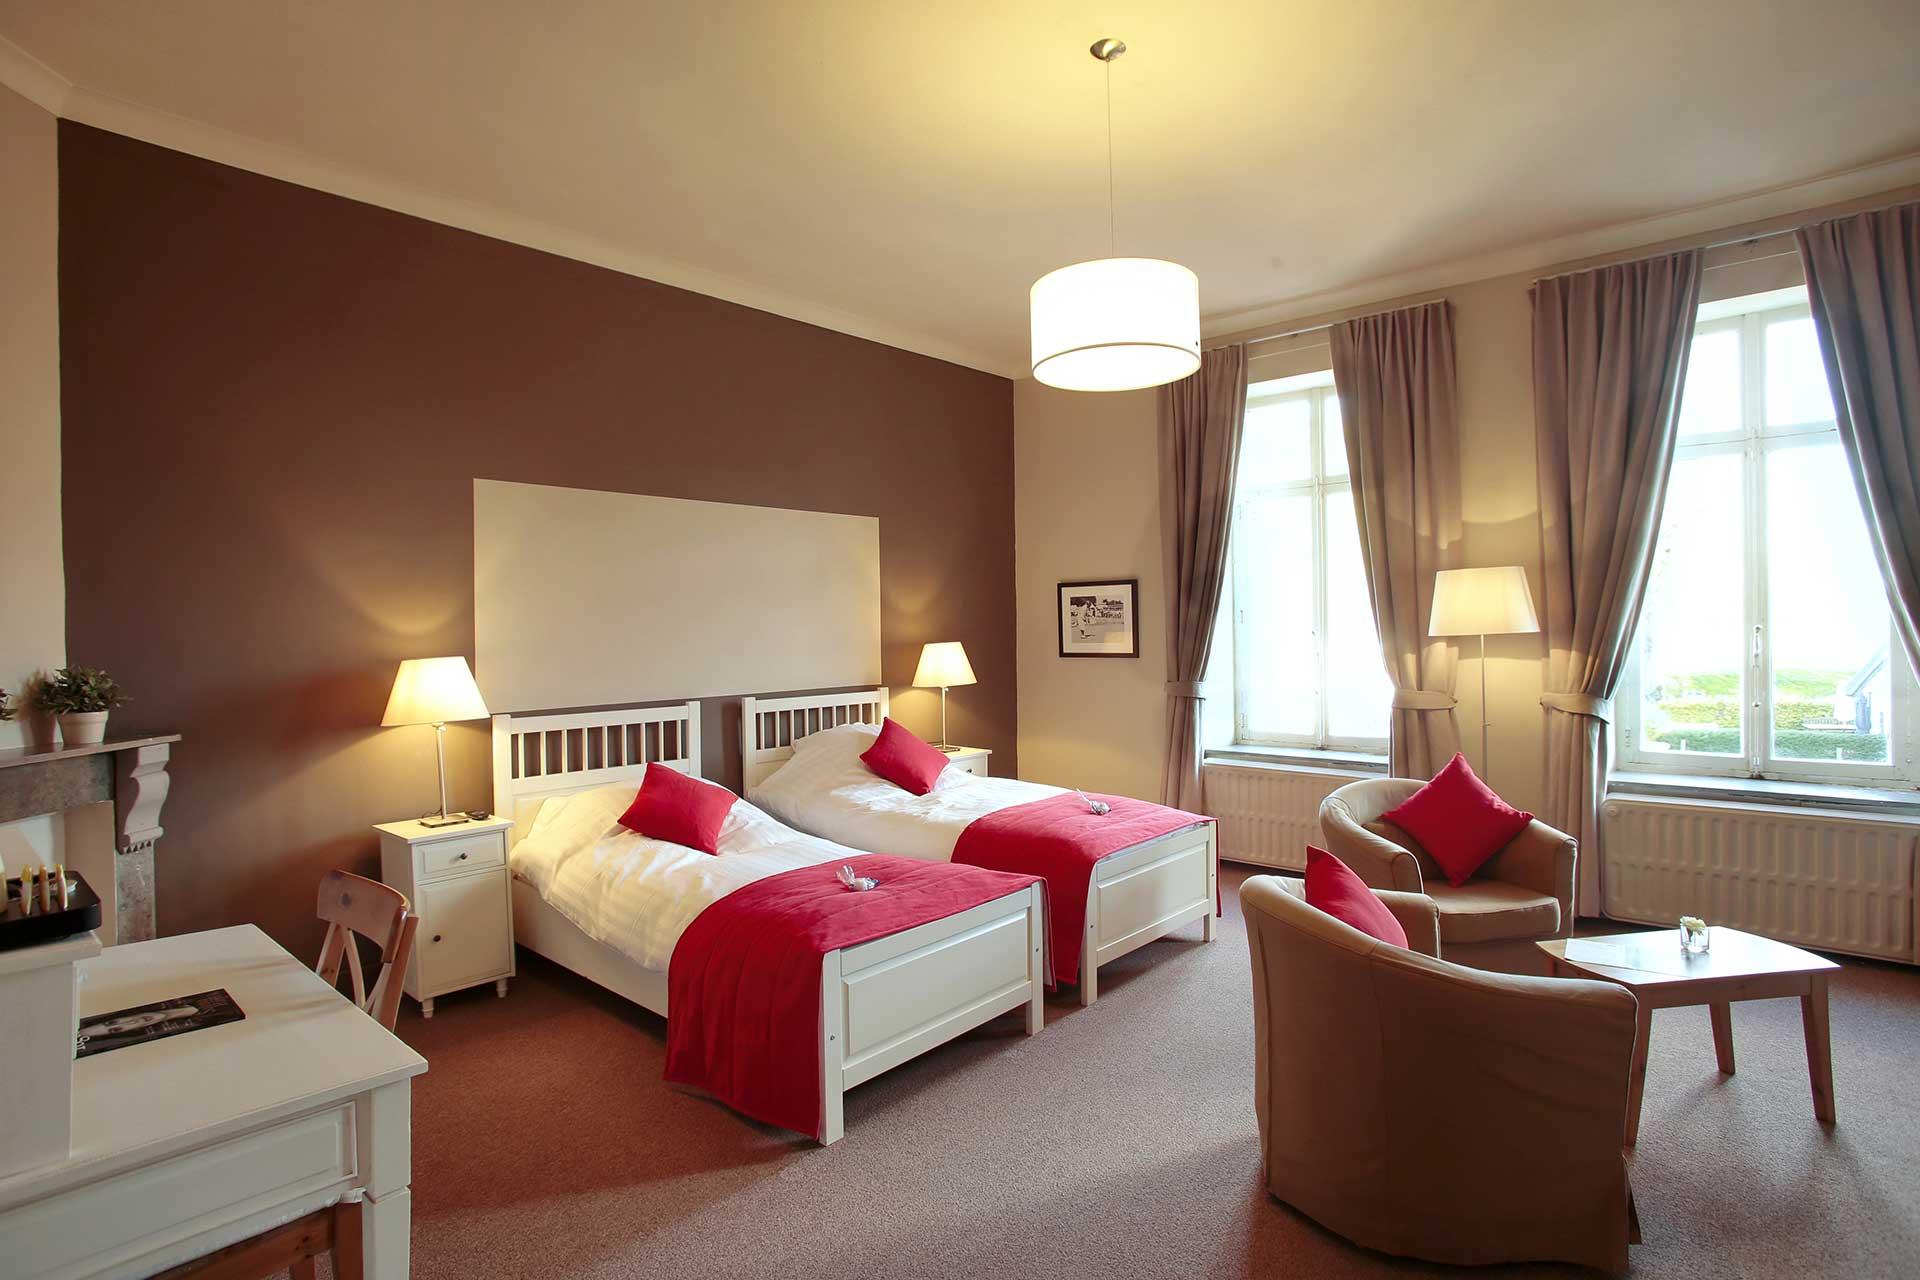 Golfexpedition-Golfreizen-België-Brussel-Pierpont-hotel-superior-room